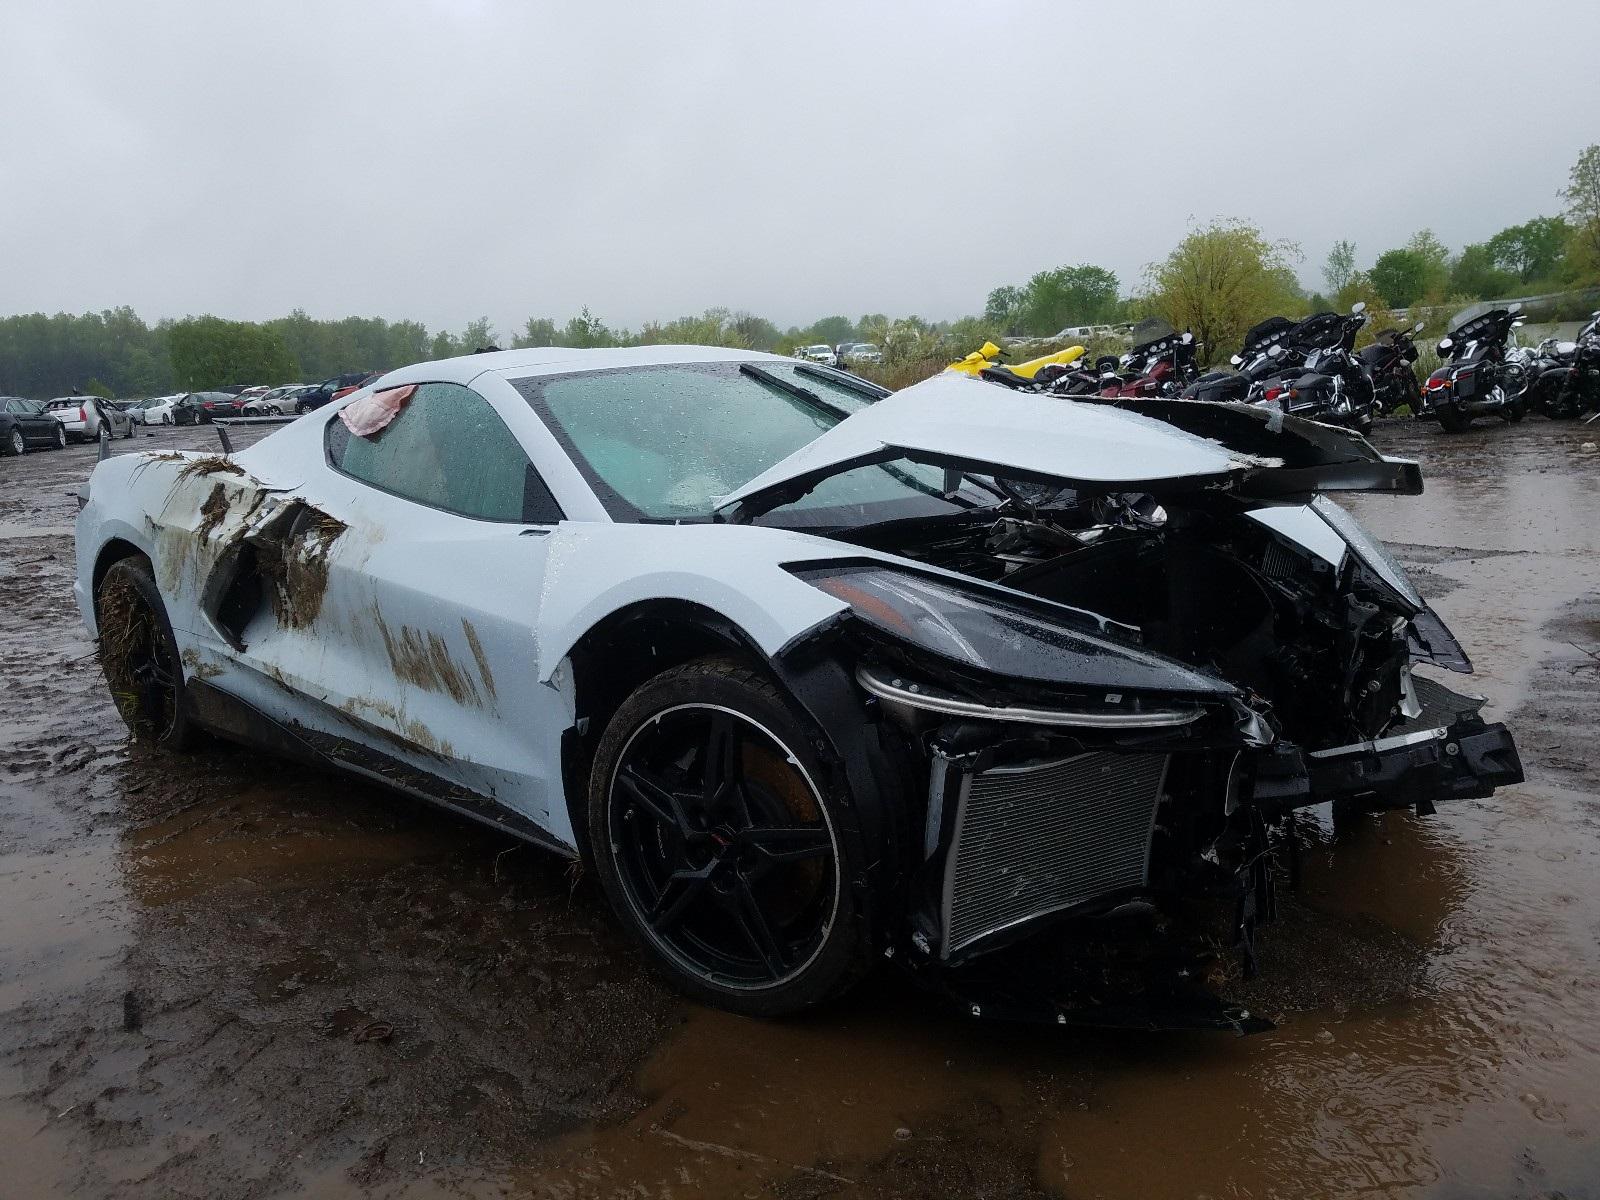 Kì lạ chiếc Corvette rách bươm sau tai nạn được rao bán đắt hơn xe mới - 1